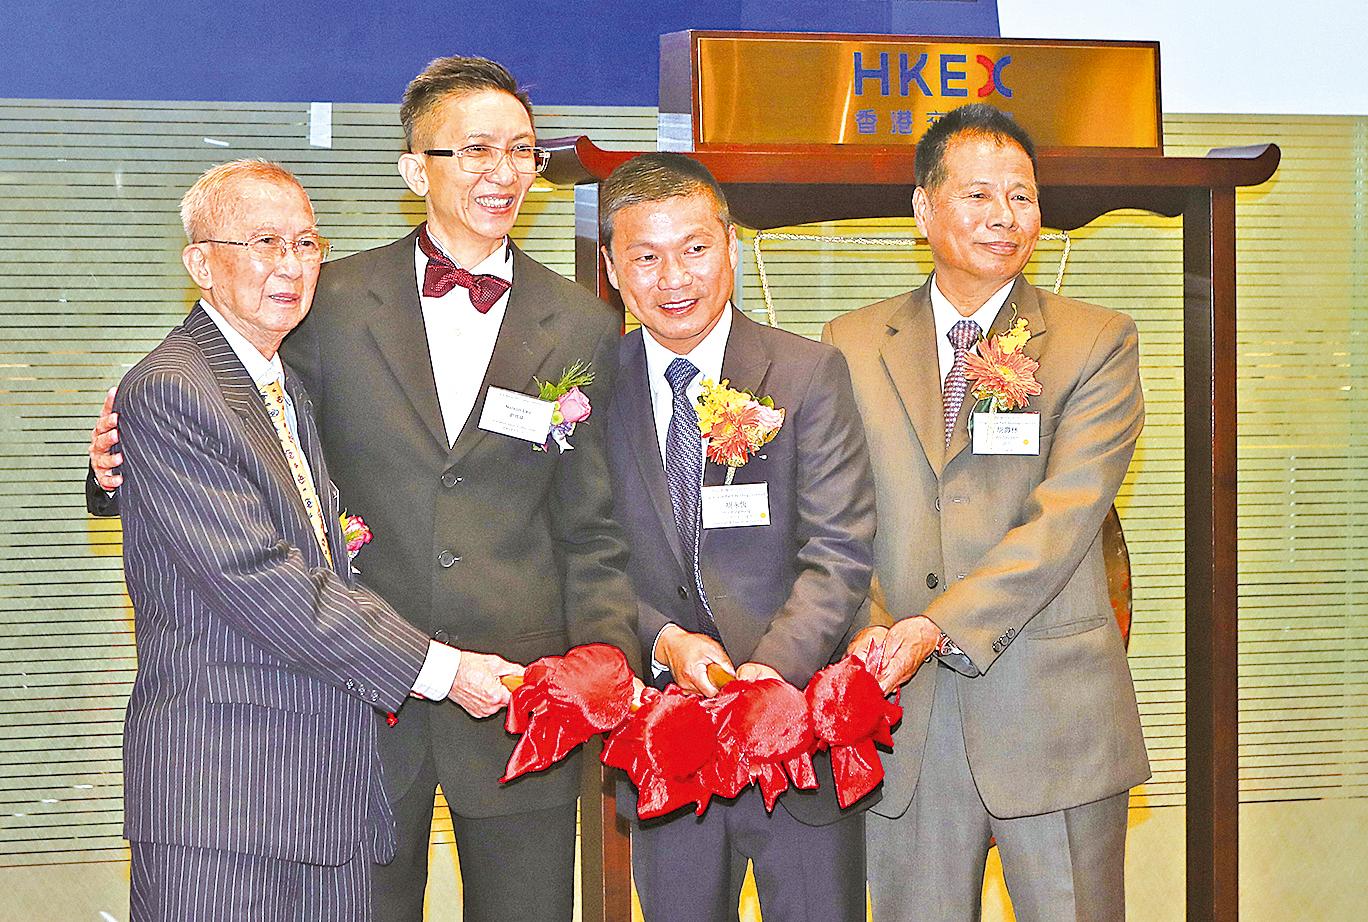 室內設計裝修工程服務商K W NELSON GP主席劉經緯(左二),進昇主席兼執行董事胡永恒(右二)。(余鋼/大紀元)